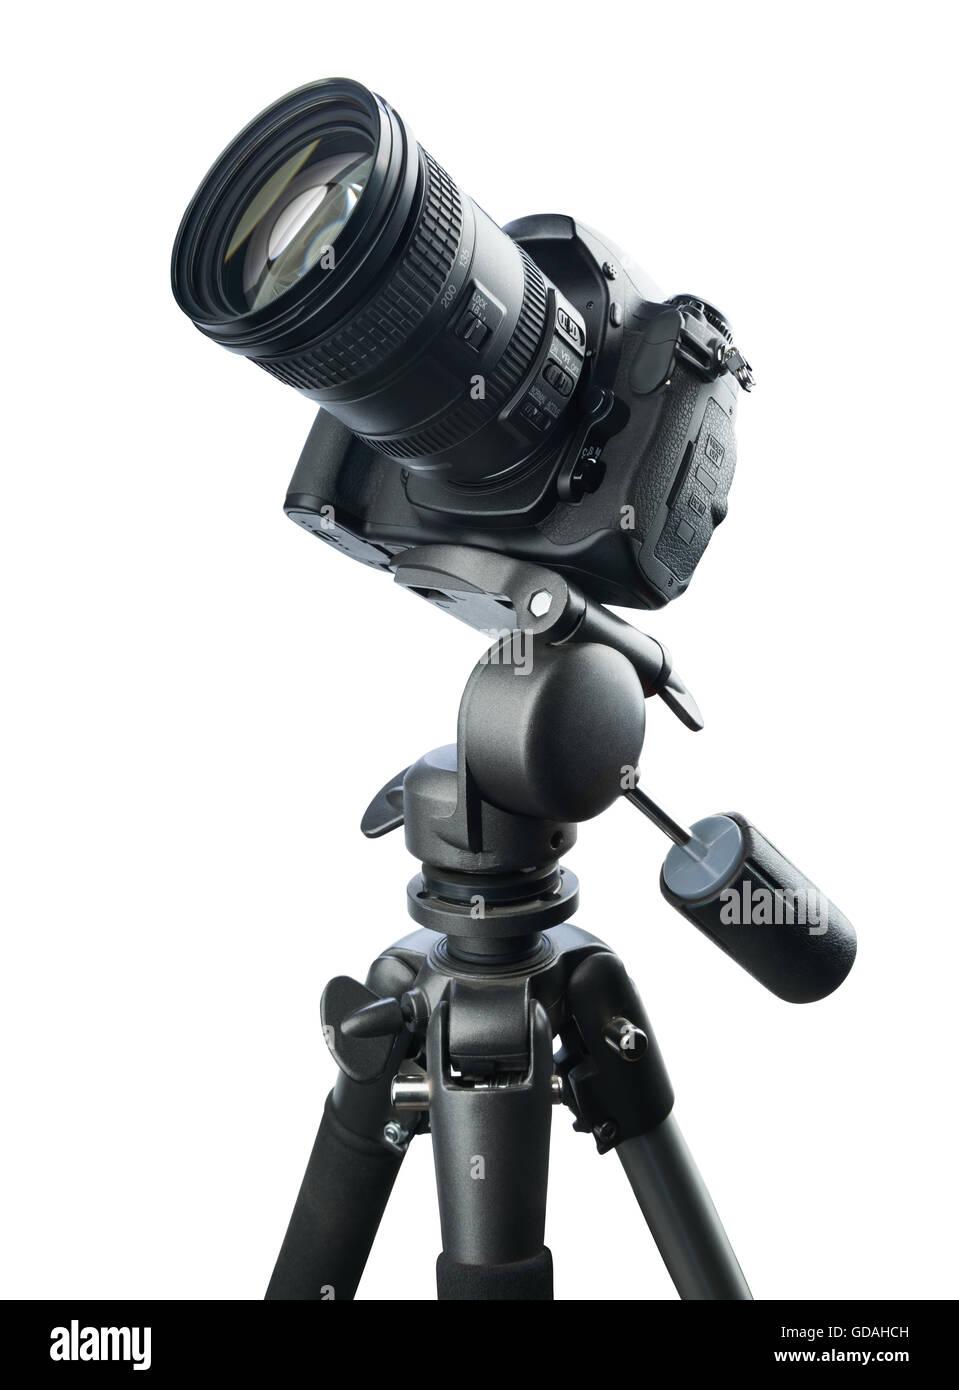 Appareil photo reflex numérique sur trépied, isolé sur fond blanc Photo Stock